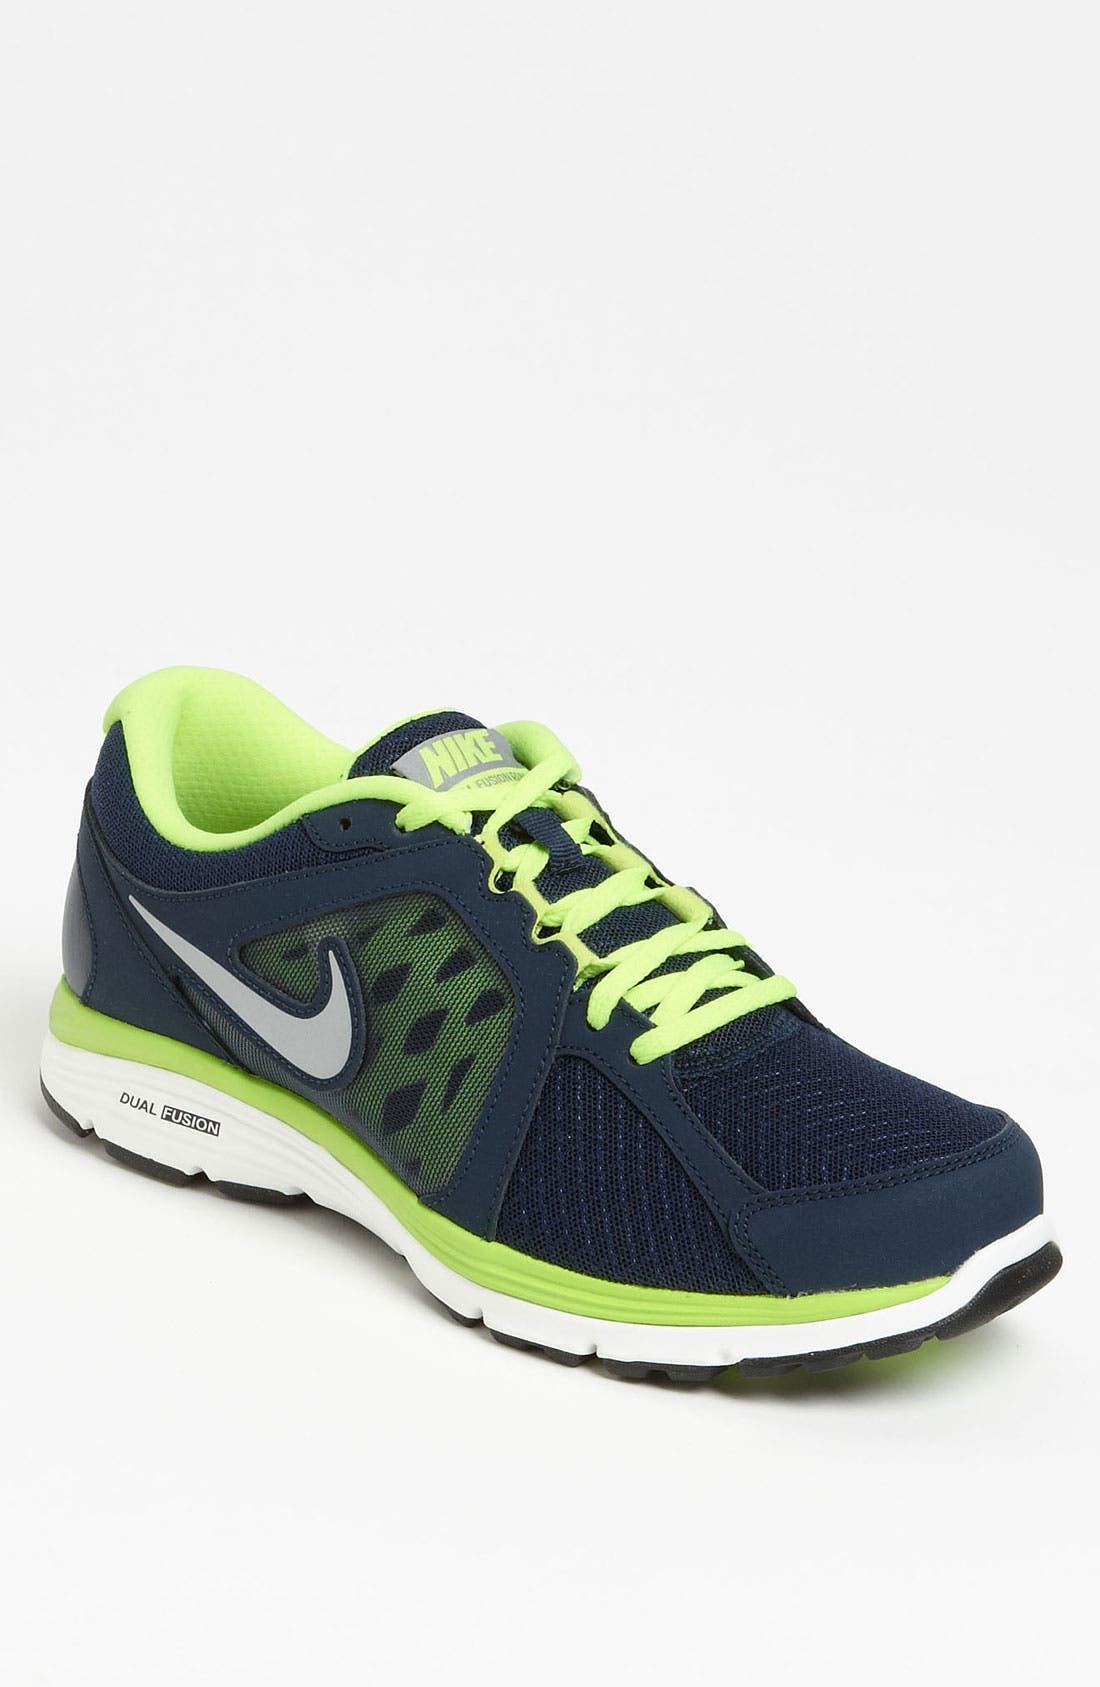 Main Image - Nike 'Dual Fusion Run' Running Shoe (Men)